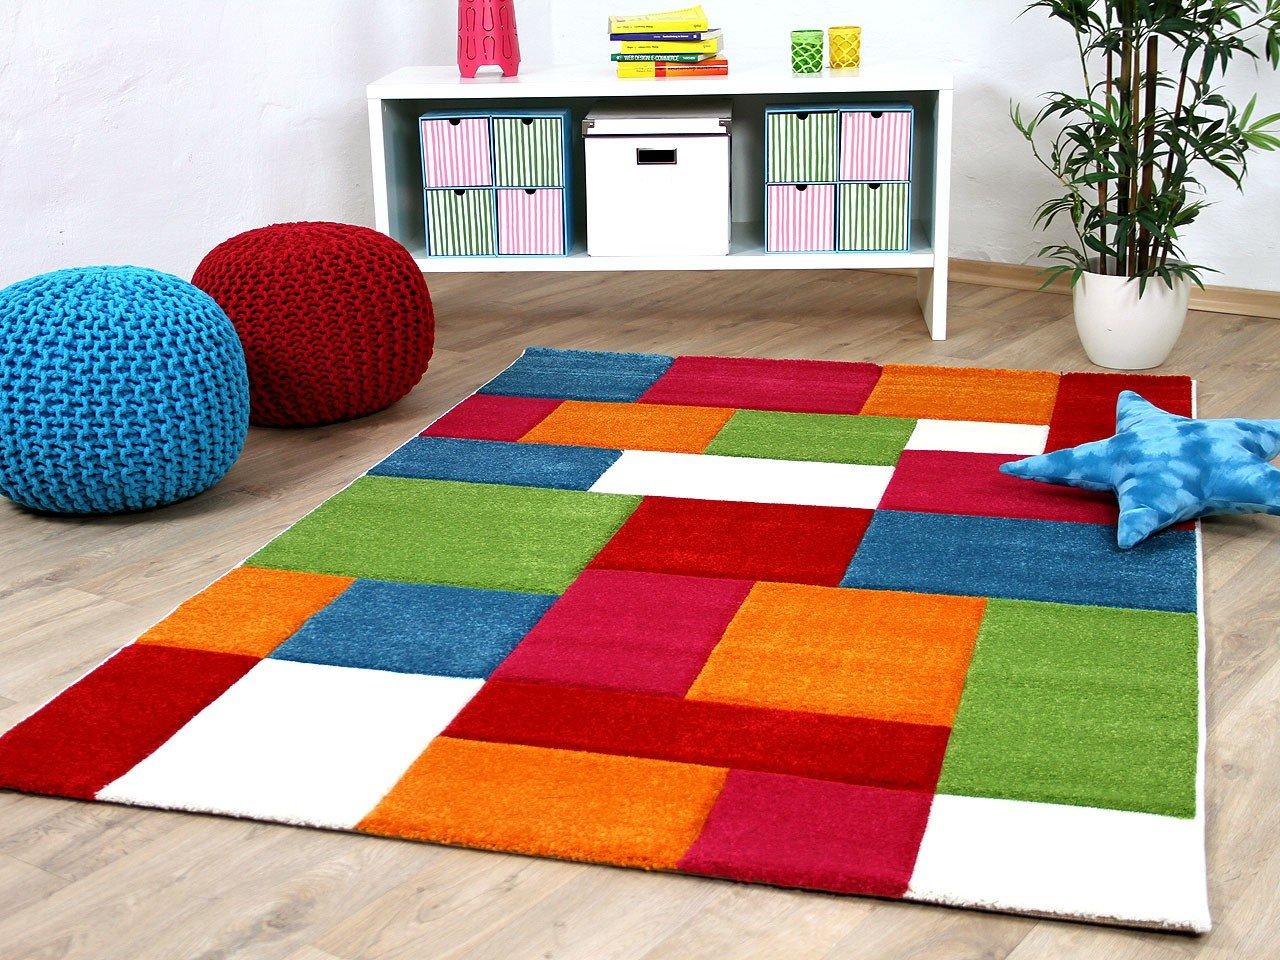 Kinder Teppich Savona Kids Karo Bunt Design Multicolour in 5 Größen